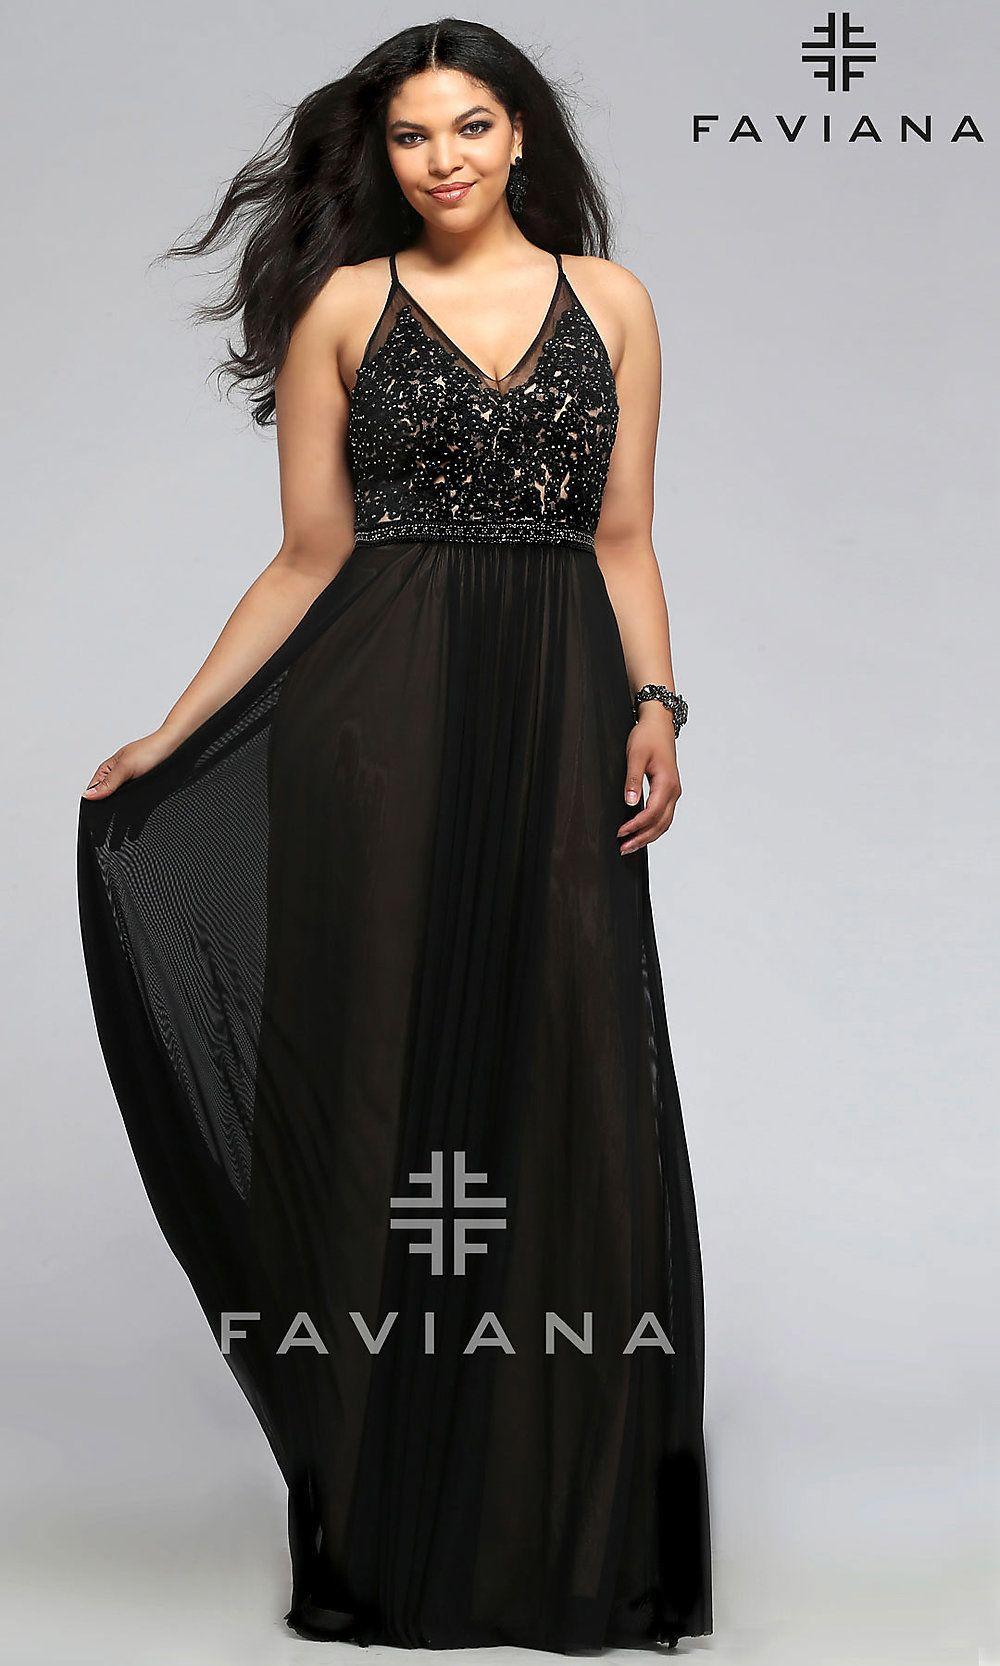 Faviana V Neck Plus Size Long Black Prom Dress Plus Size Formal Dresses Faviana Dresses Plus Size Prom Dresses [ 1666 x 1000 Pixel ]